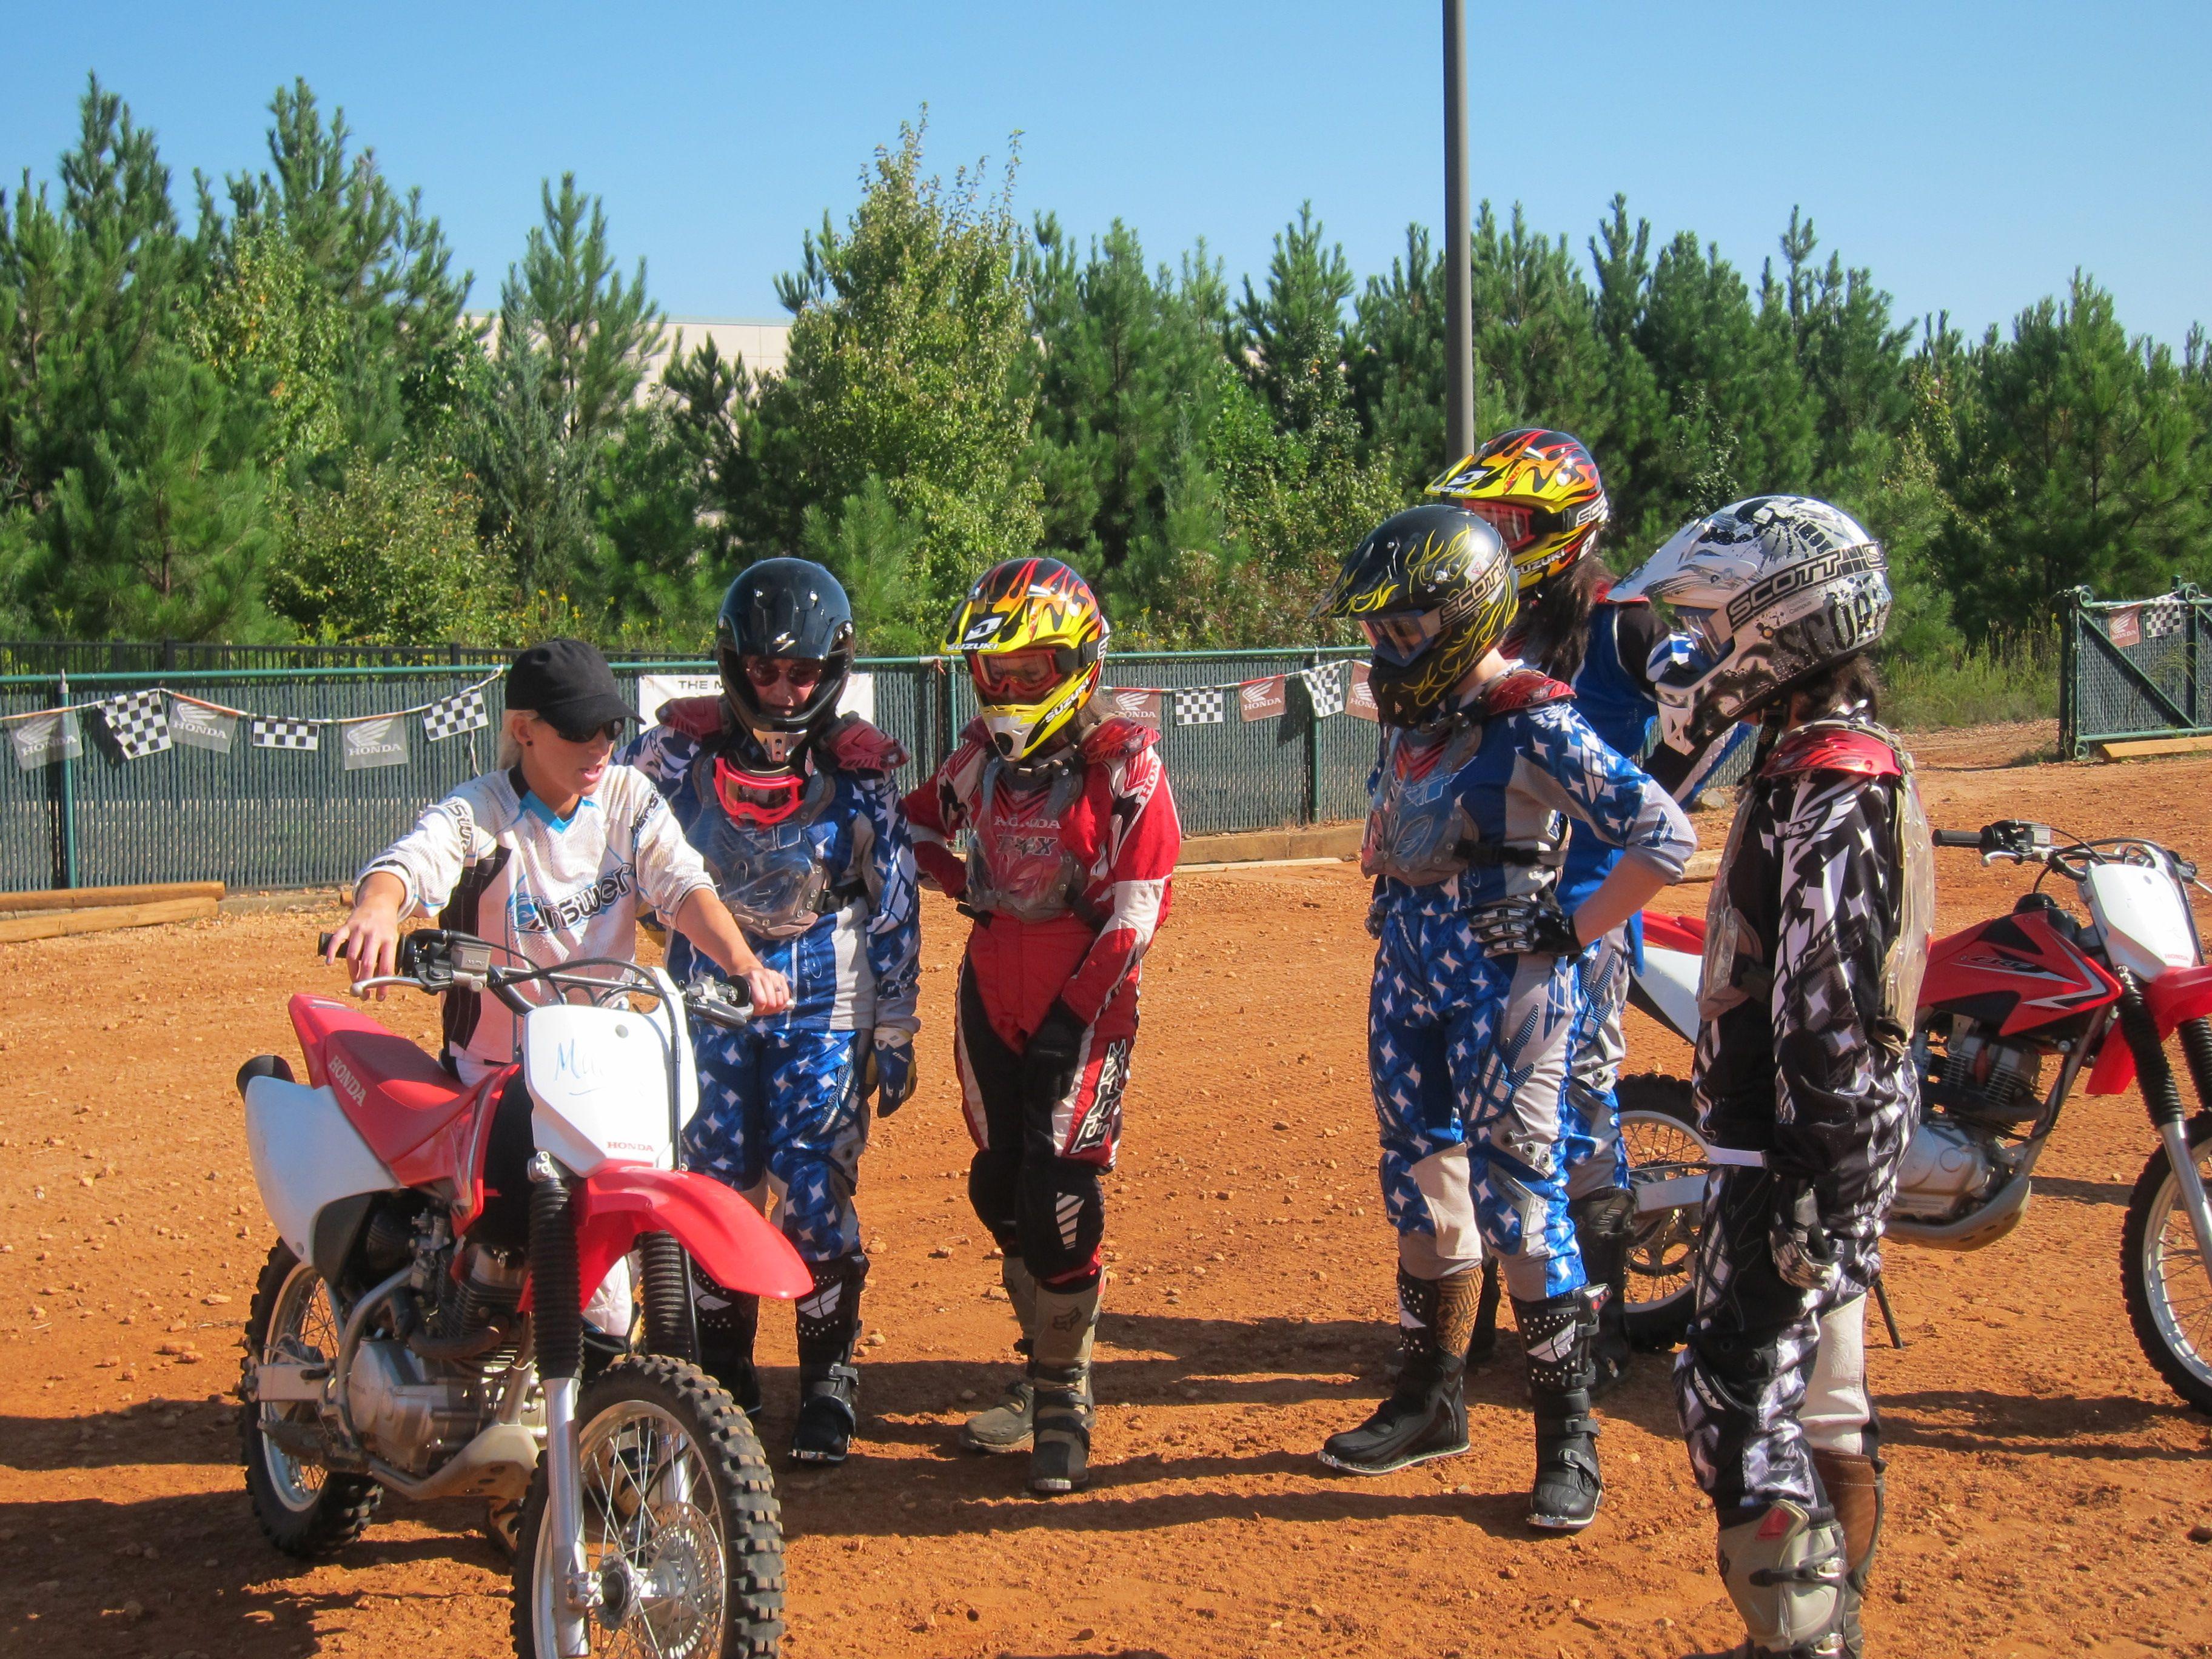 MSF Dirt Bike School Learn to Ride at Motorcycle School